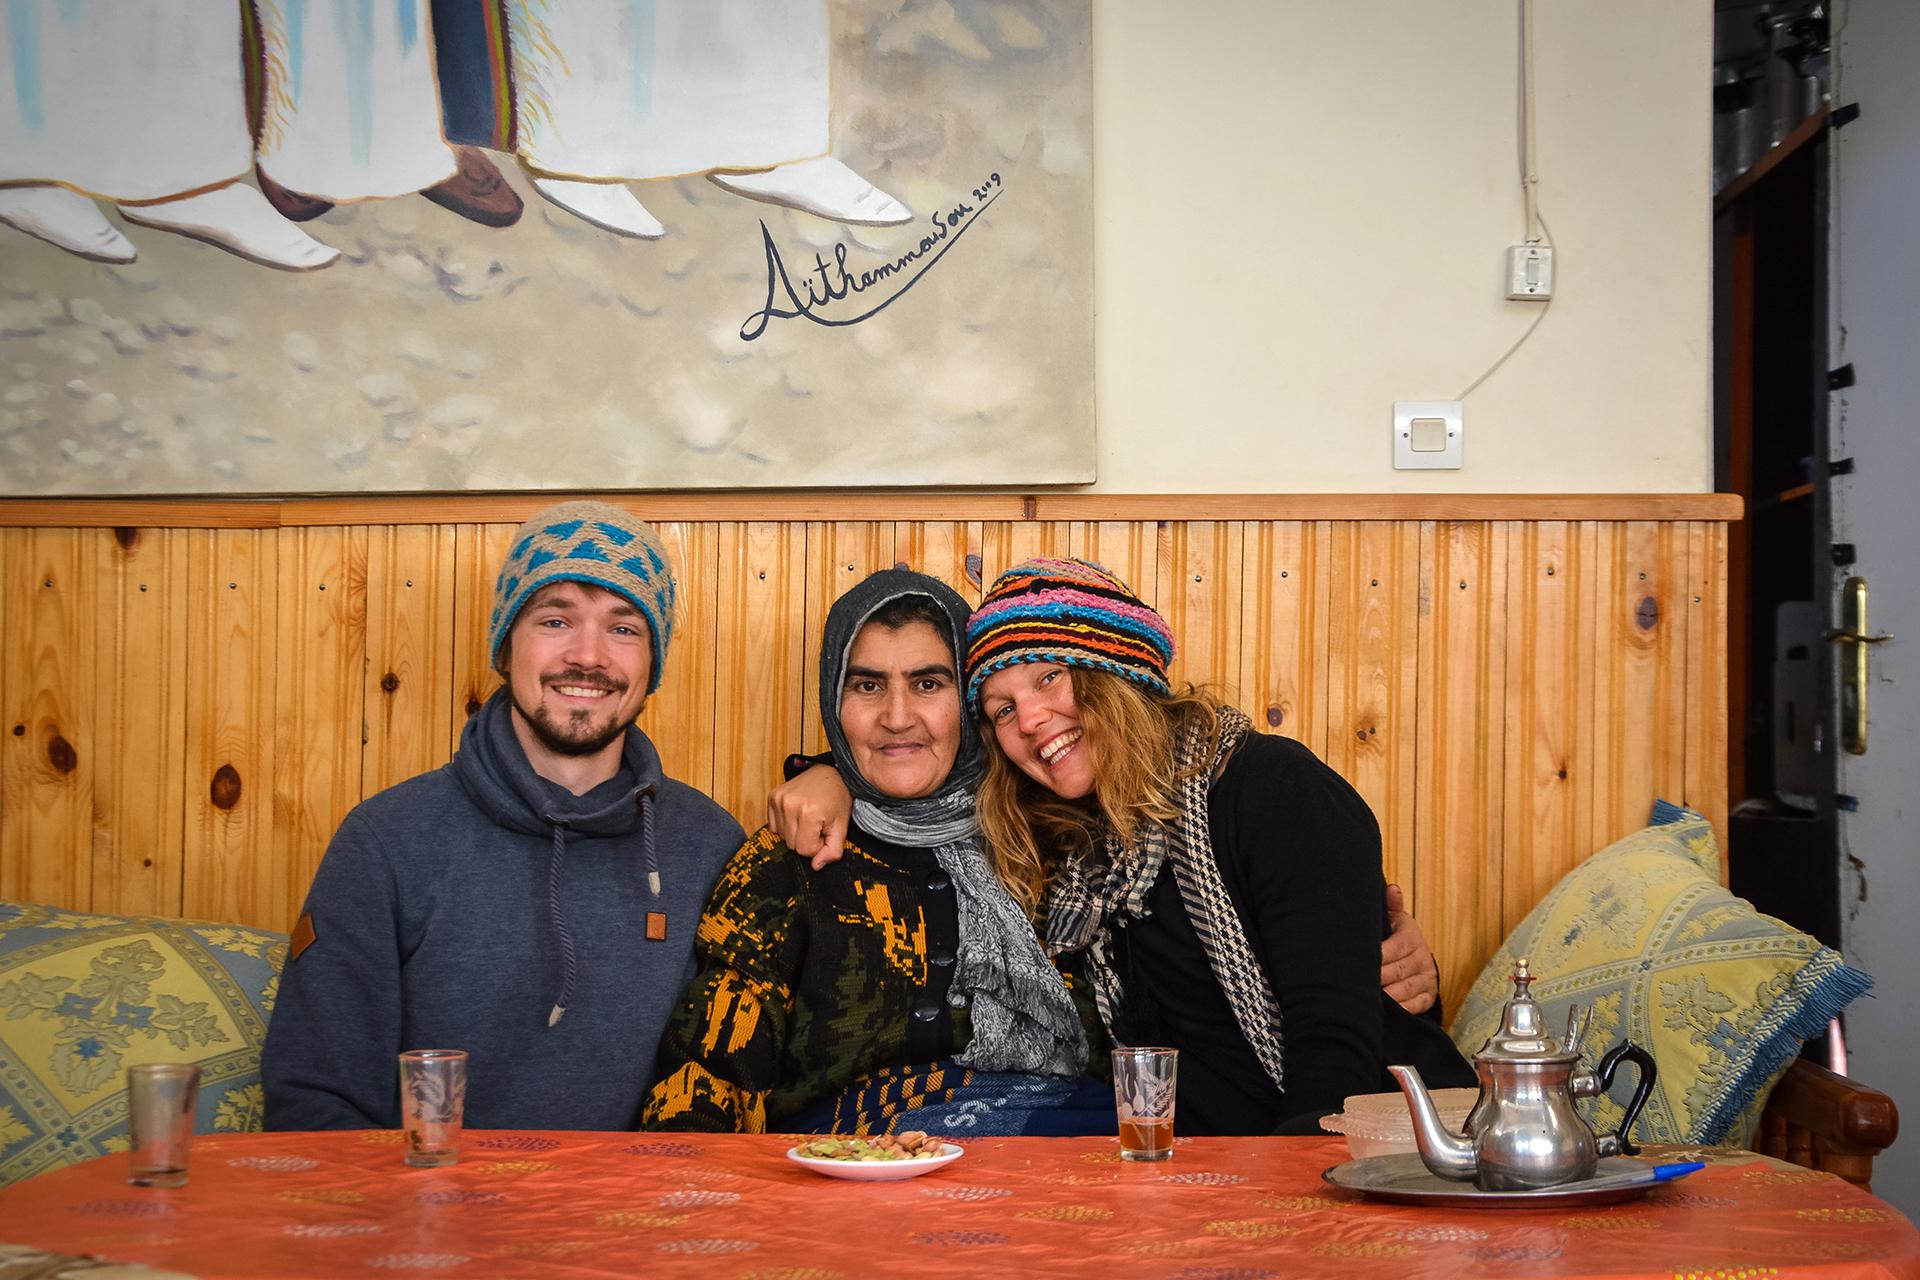 Schnappschuss mit Herbergsmutter Malika in Ilmichil im Atlas, die aufgrund von Depressionen aus der großen Stadt in die Berge gezogen ist